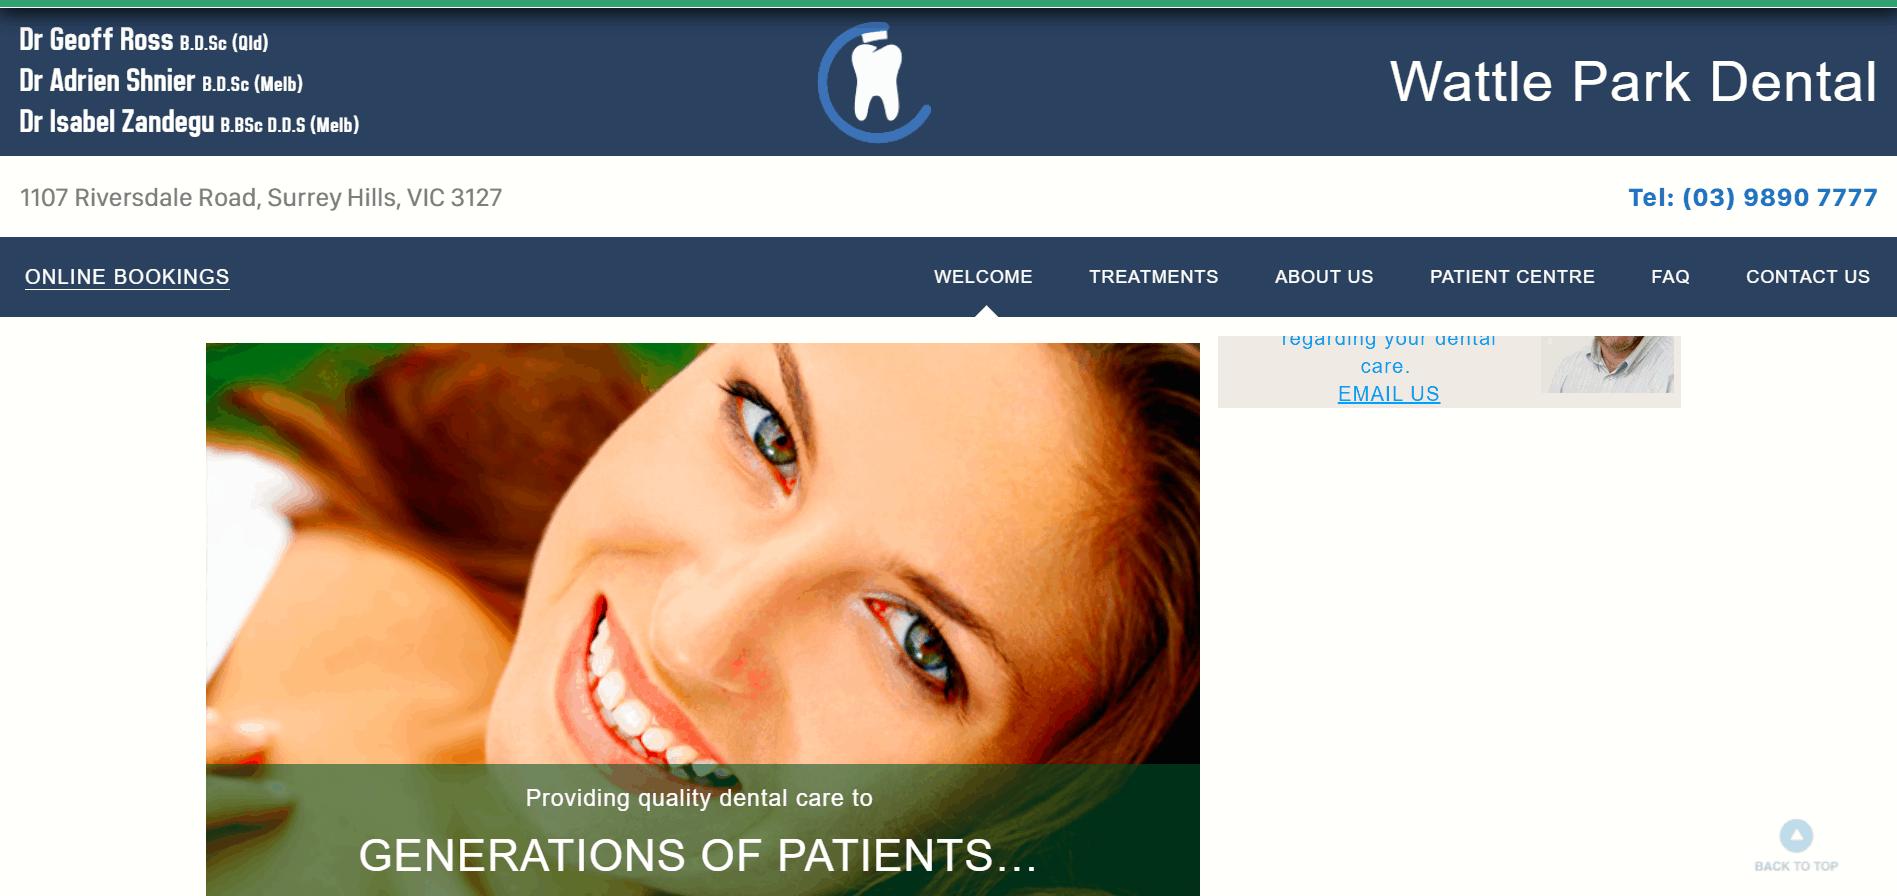 Wattle Park Dental